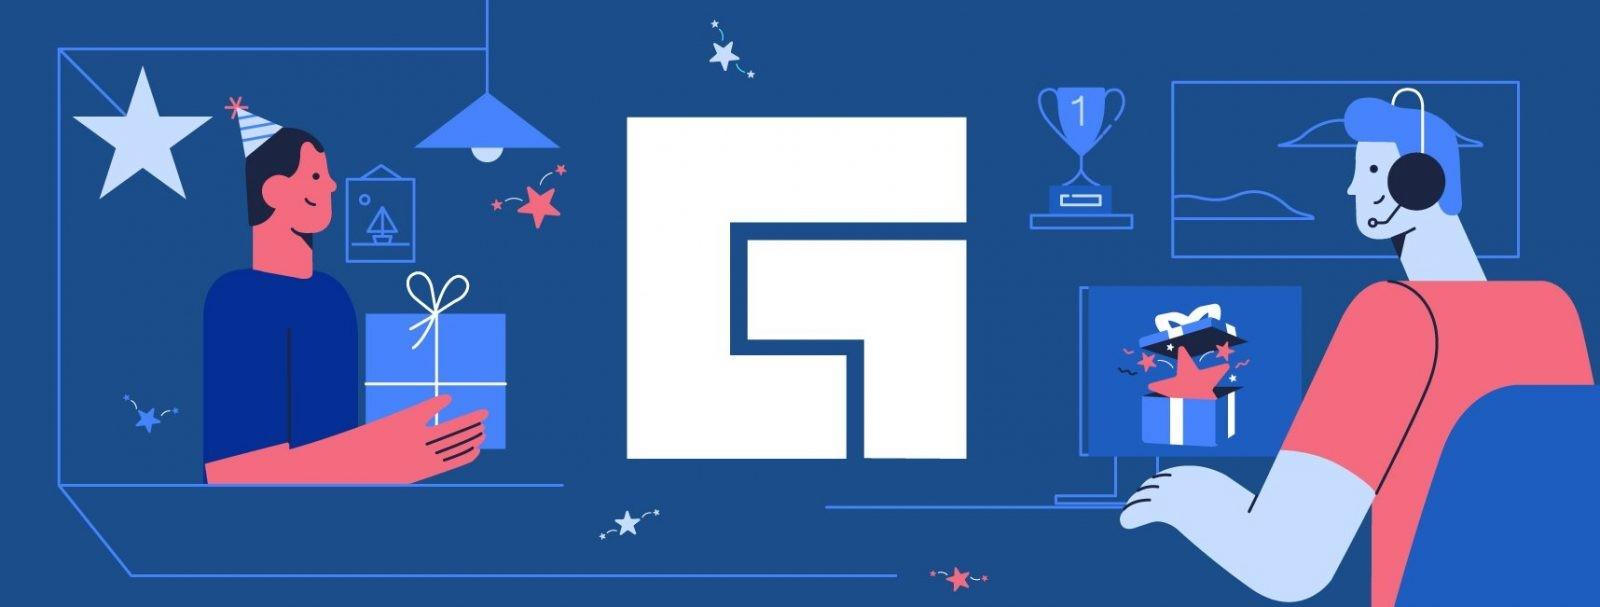 Facebook Gaming : analyse du nouveau concurrent de Twitch et Youtube